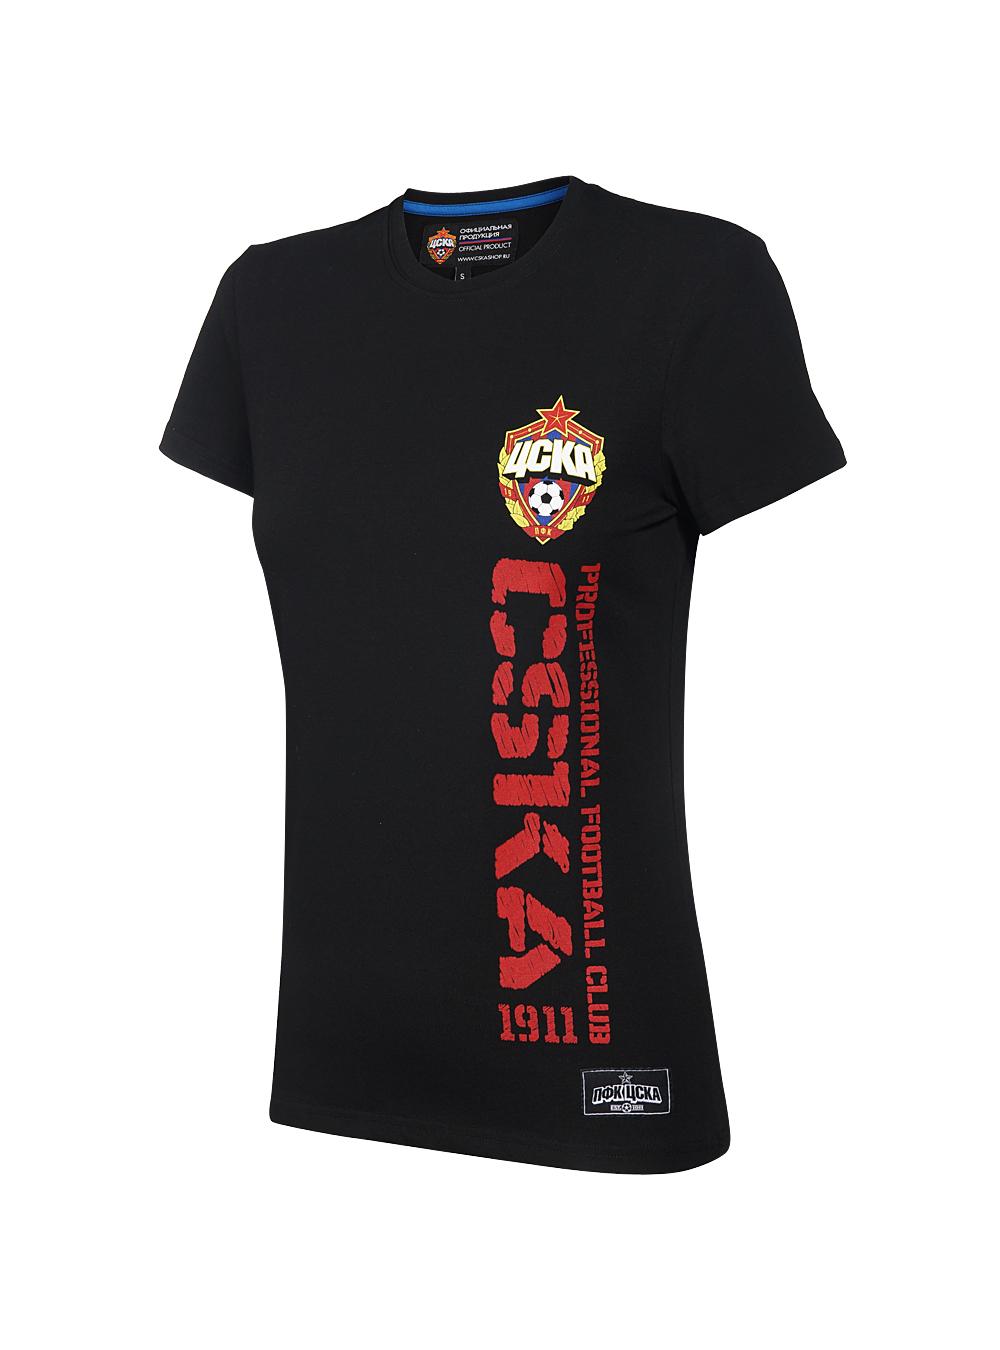 Купить Футболка женская » CSKA «, цвет чёрный (XS) по Нижнему Новгороду